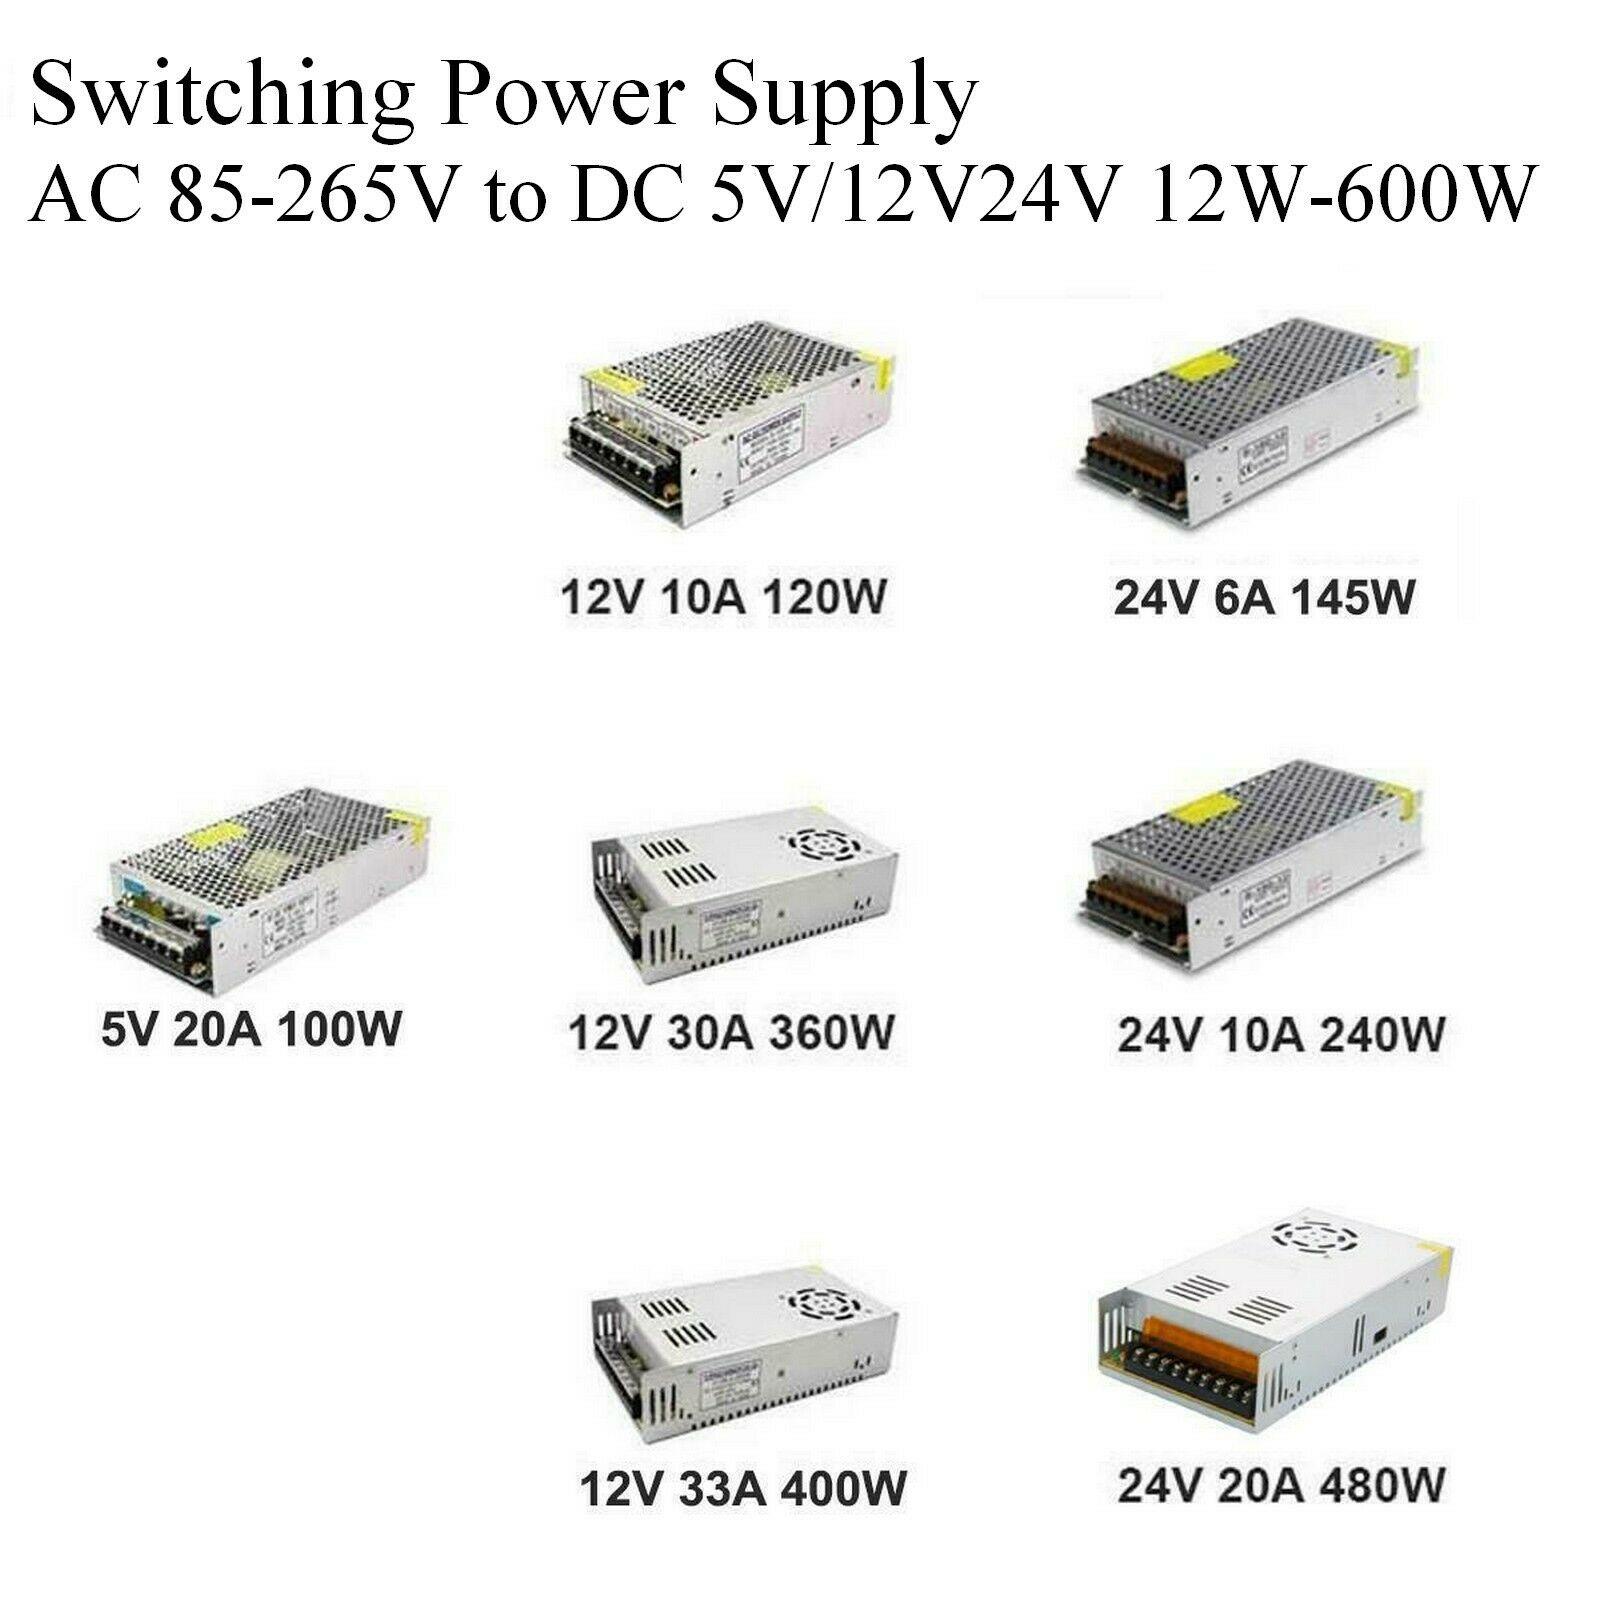 Осветительные трансформаторы DC 5 в 12 В 24 в 36 В адаптер питания 5 12 24 36 В 1A 2A 3A 5A 6A 8A 10A 15A 20A светодиодный Светодиодный драйвер